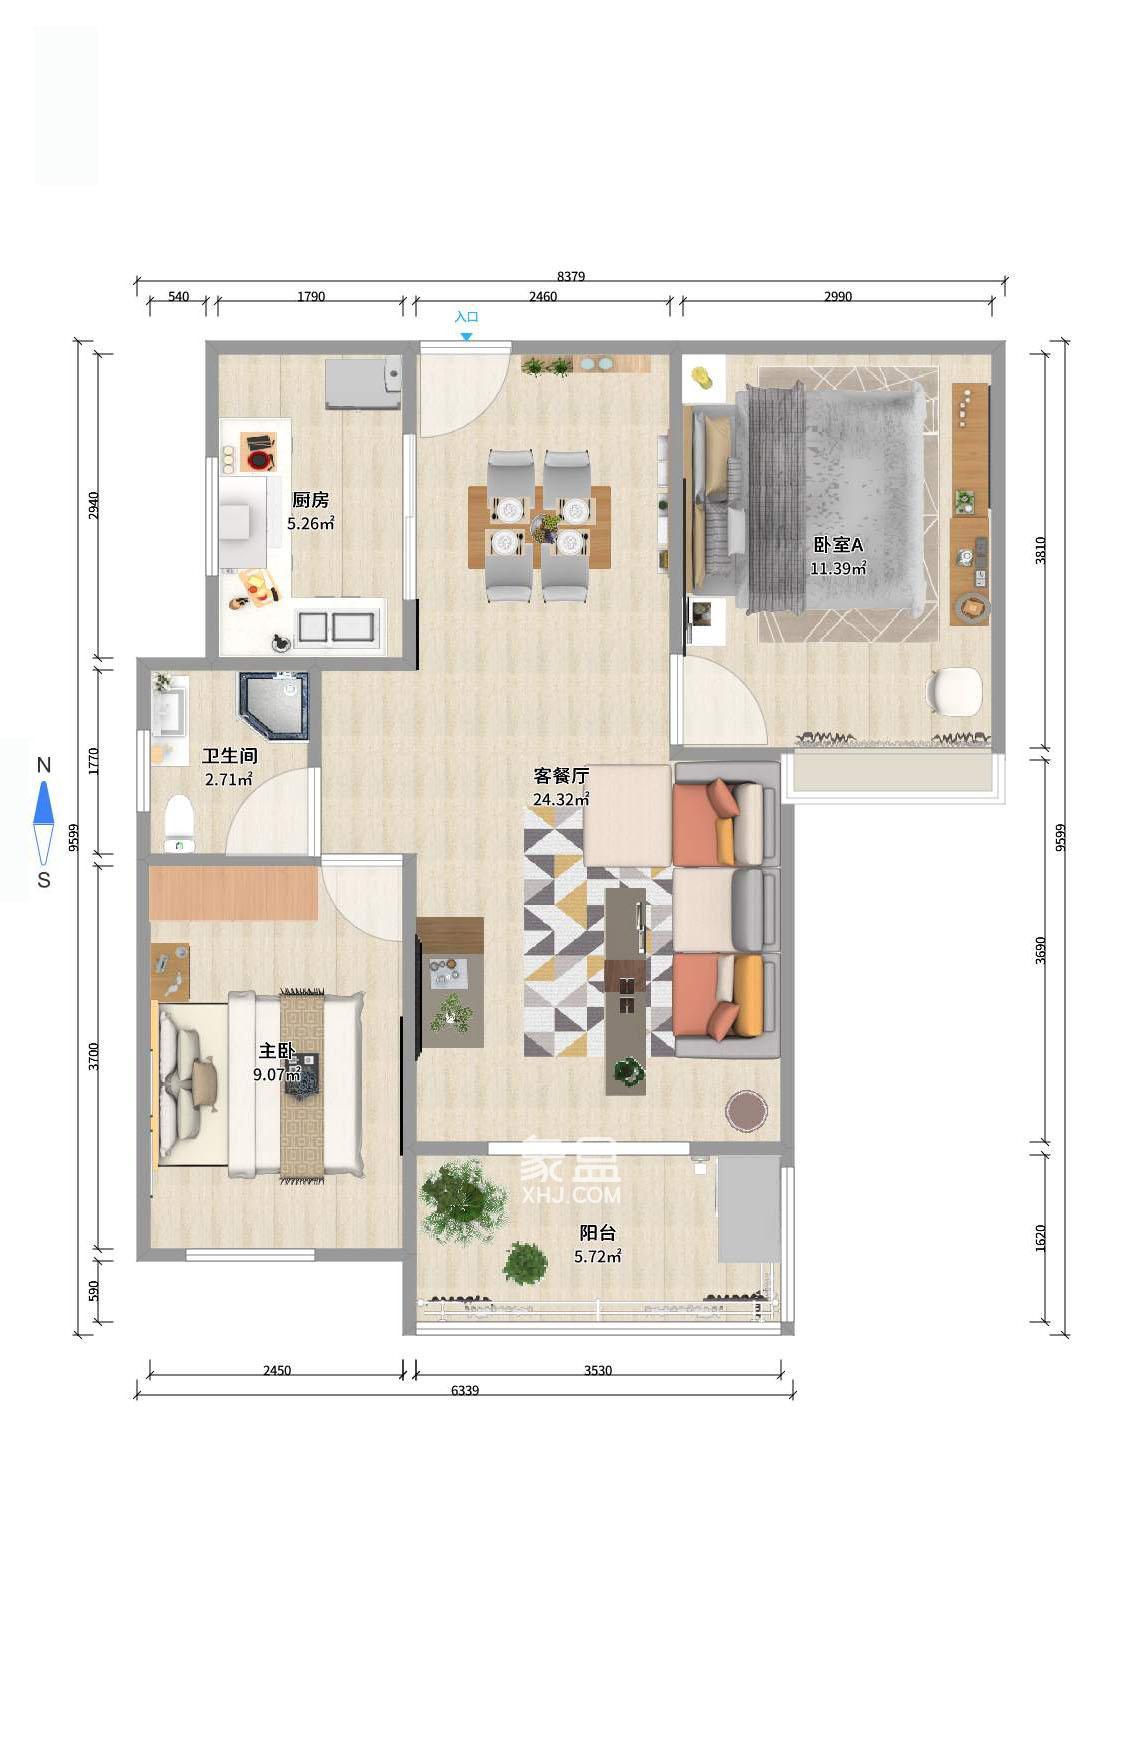 怡海星城 15樓 帶地暖 怡雅中小學 不靠馬路 居家裝修